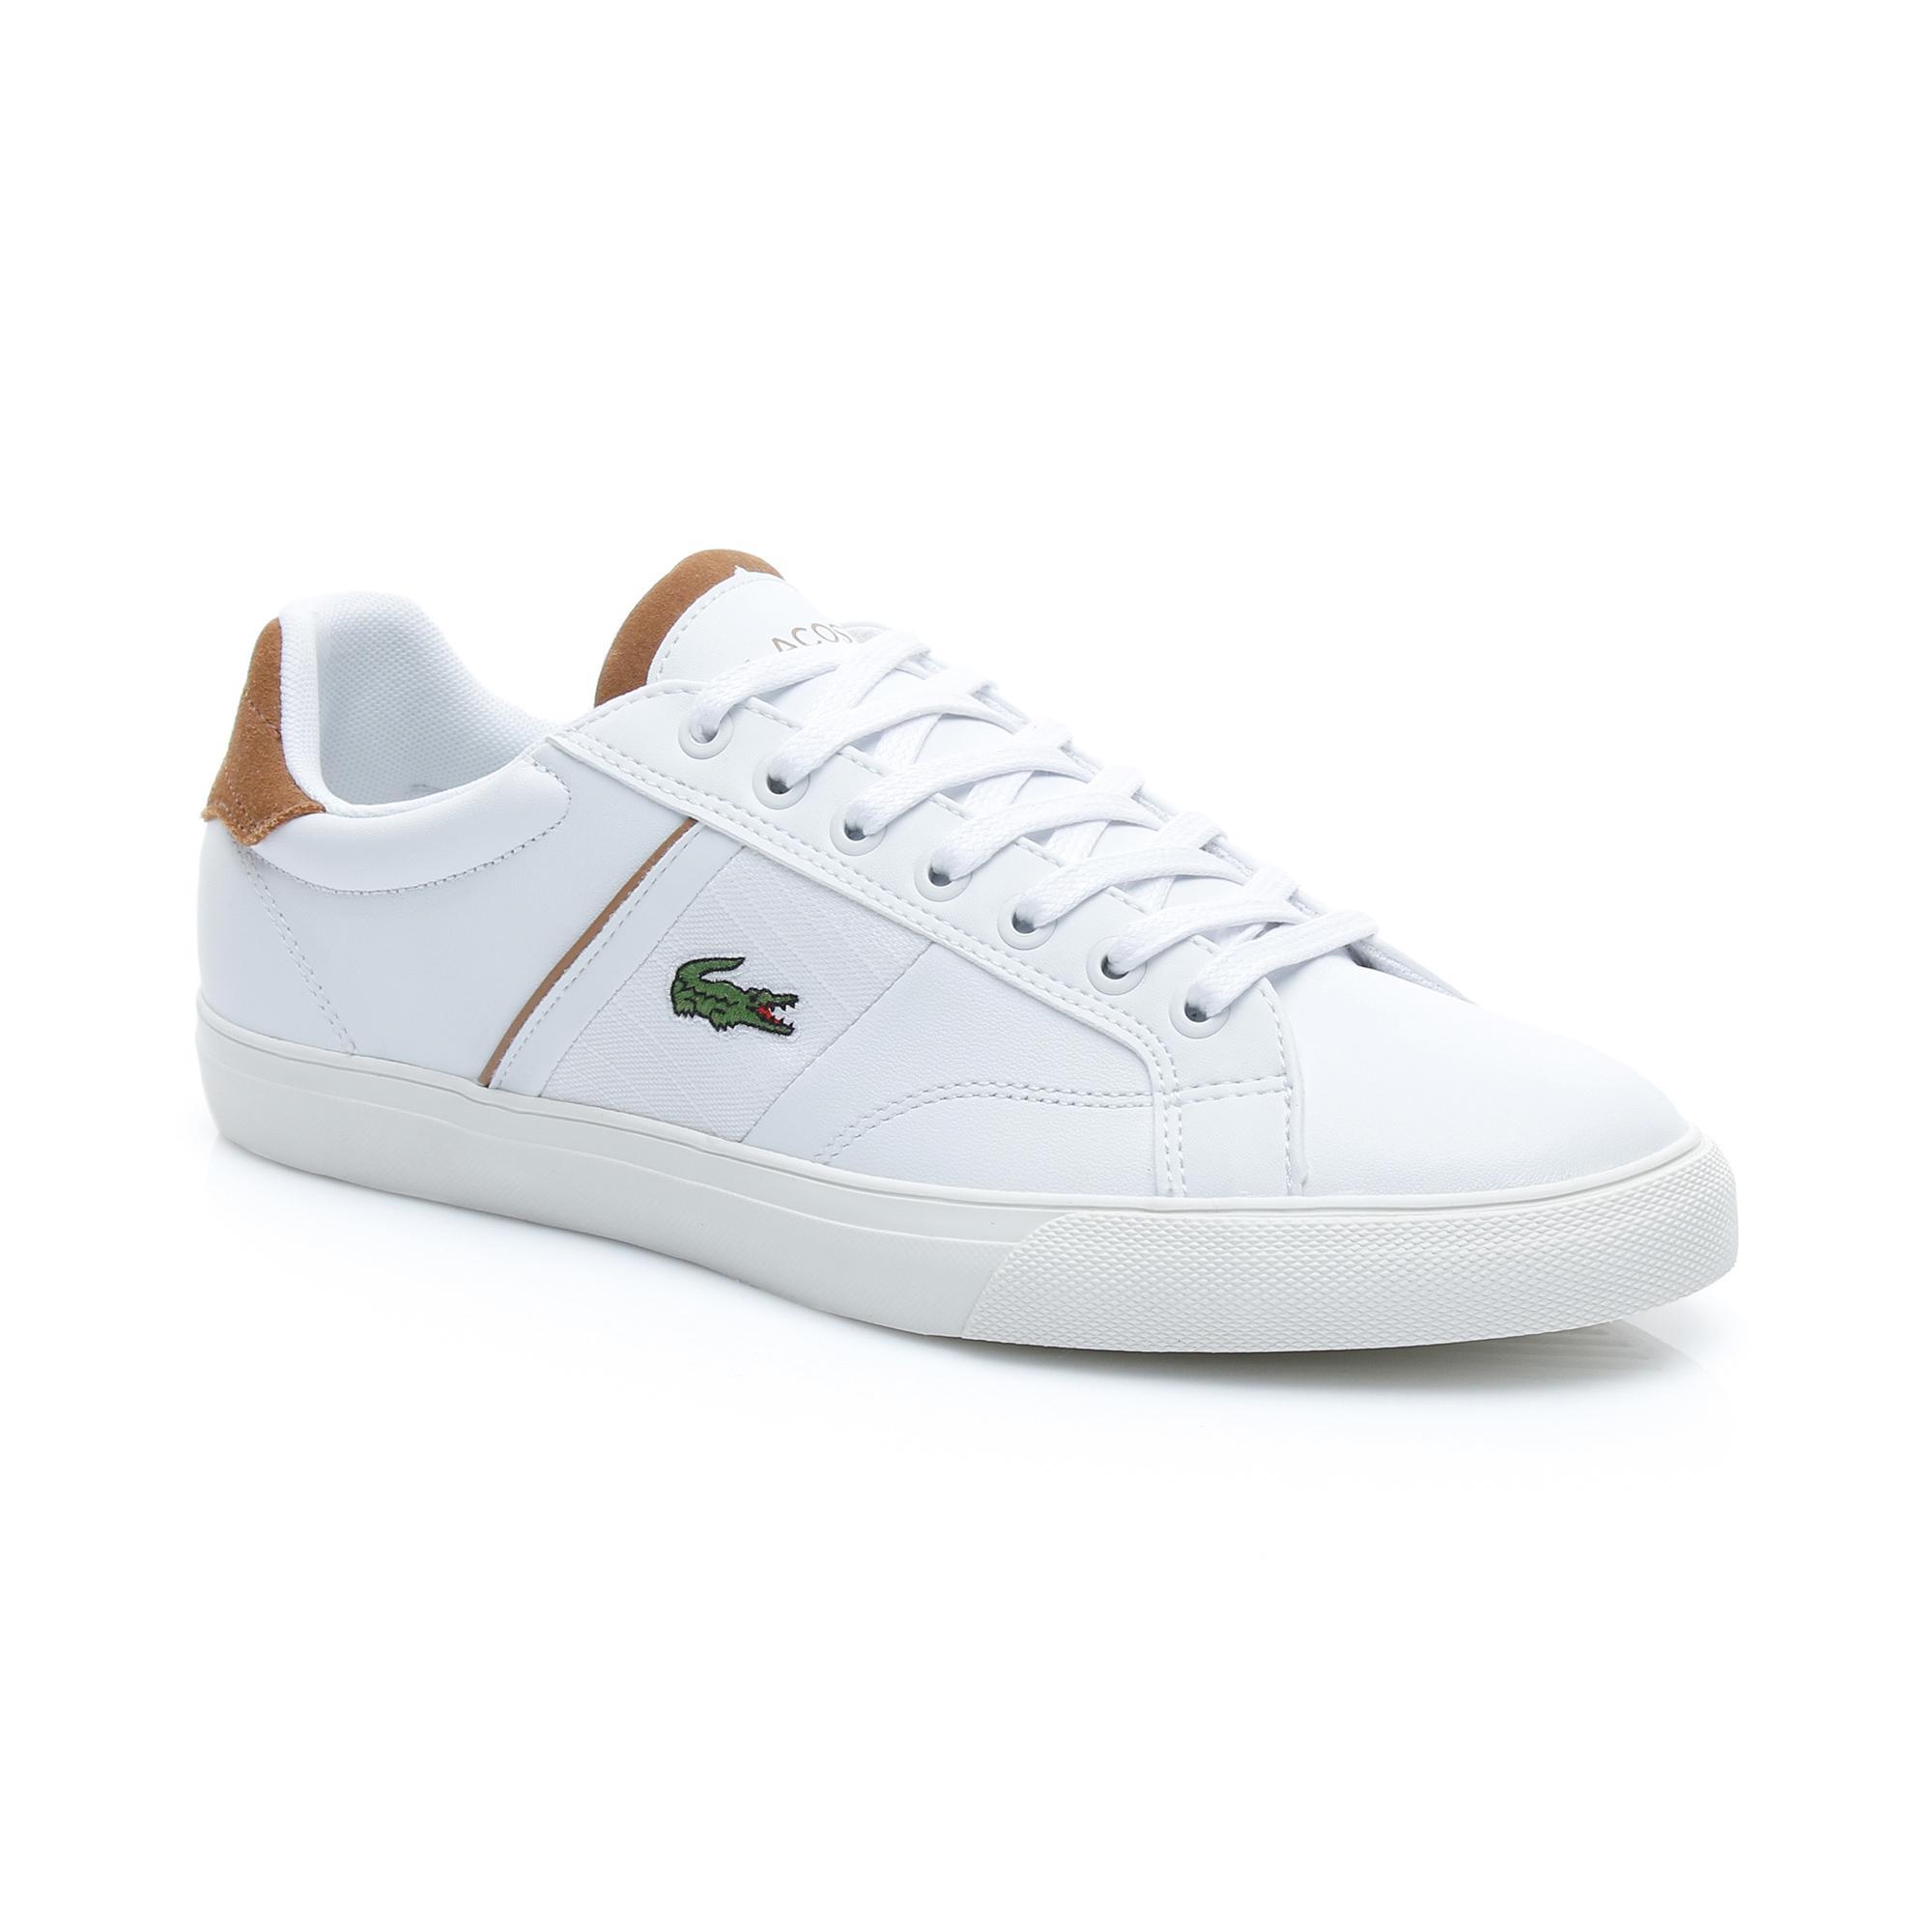 Lacoste Erkek Beyaz - Açık Kahve Fairlead 119 1 Casual Ayakkabı